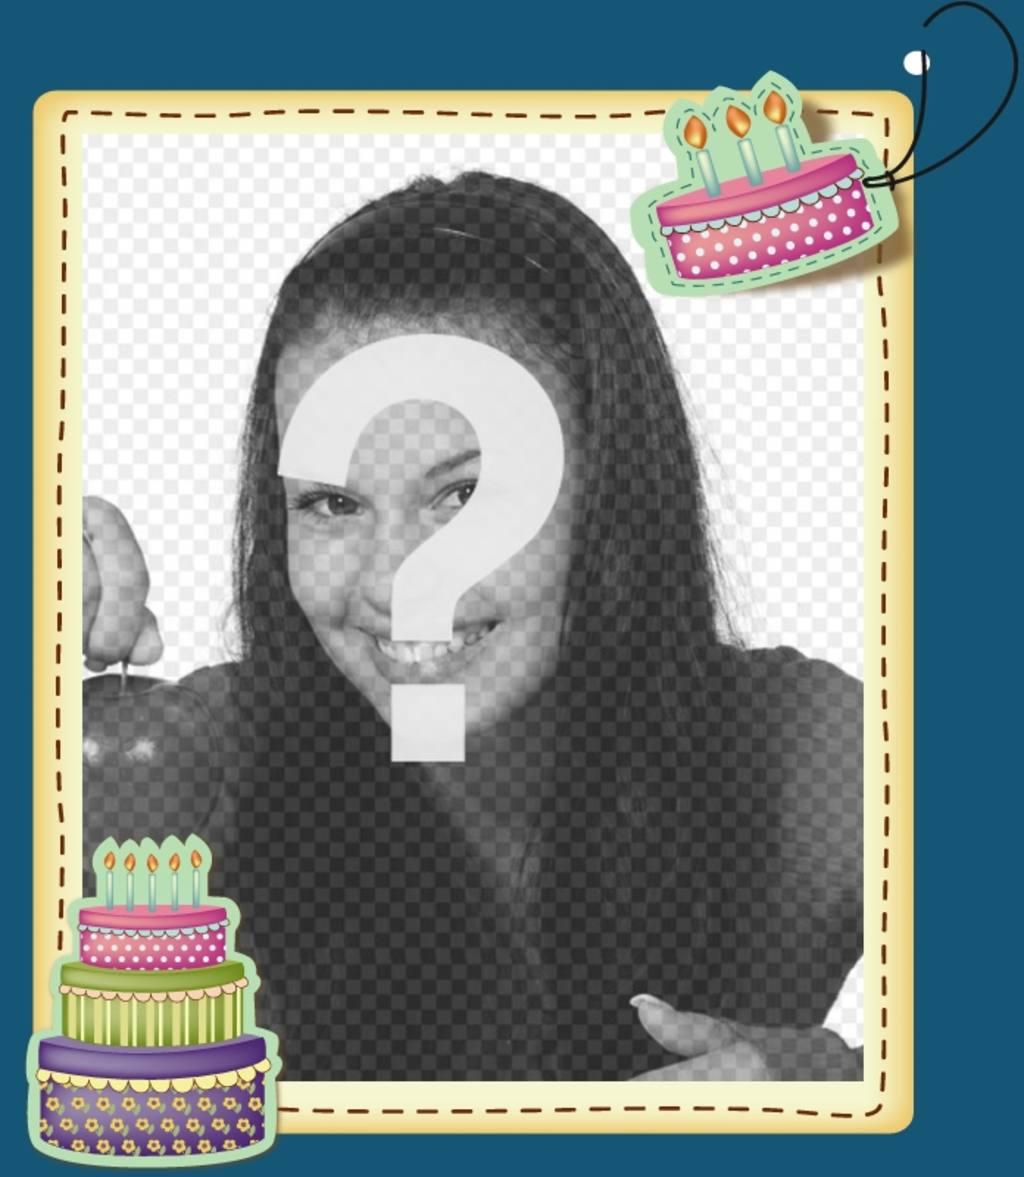 Marco de cumpleaños decorado con dos tartas con velas - Fotoefectos